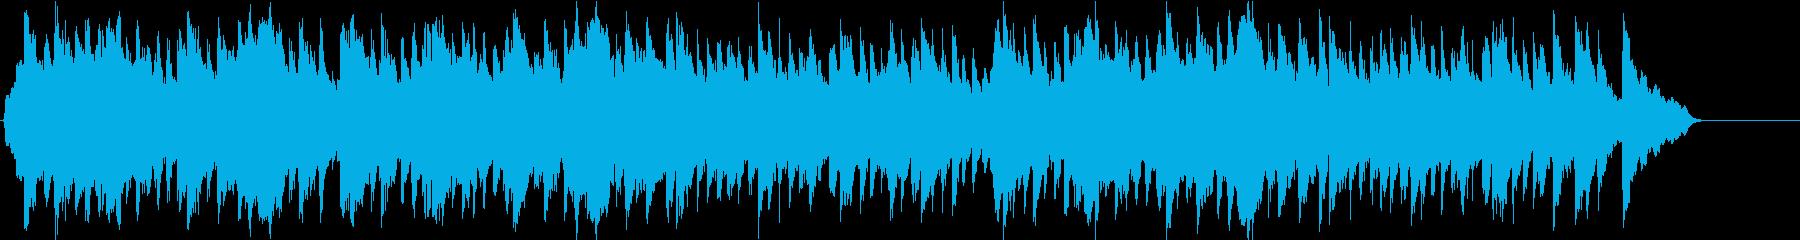 和風 京都 伝統 のどか 田舎 陽ざしの再生済みの波形